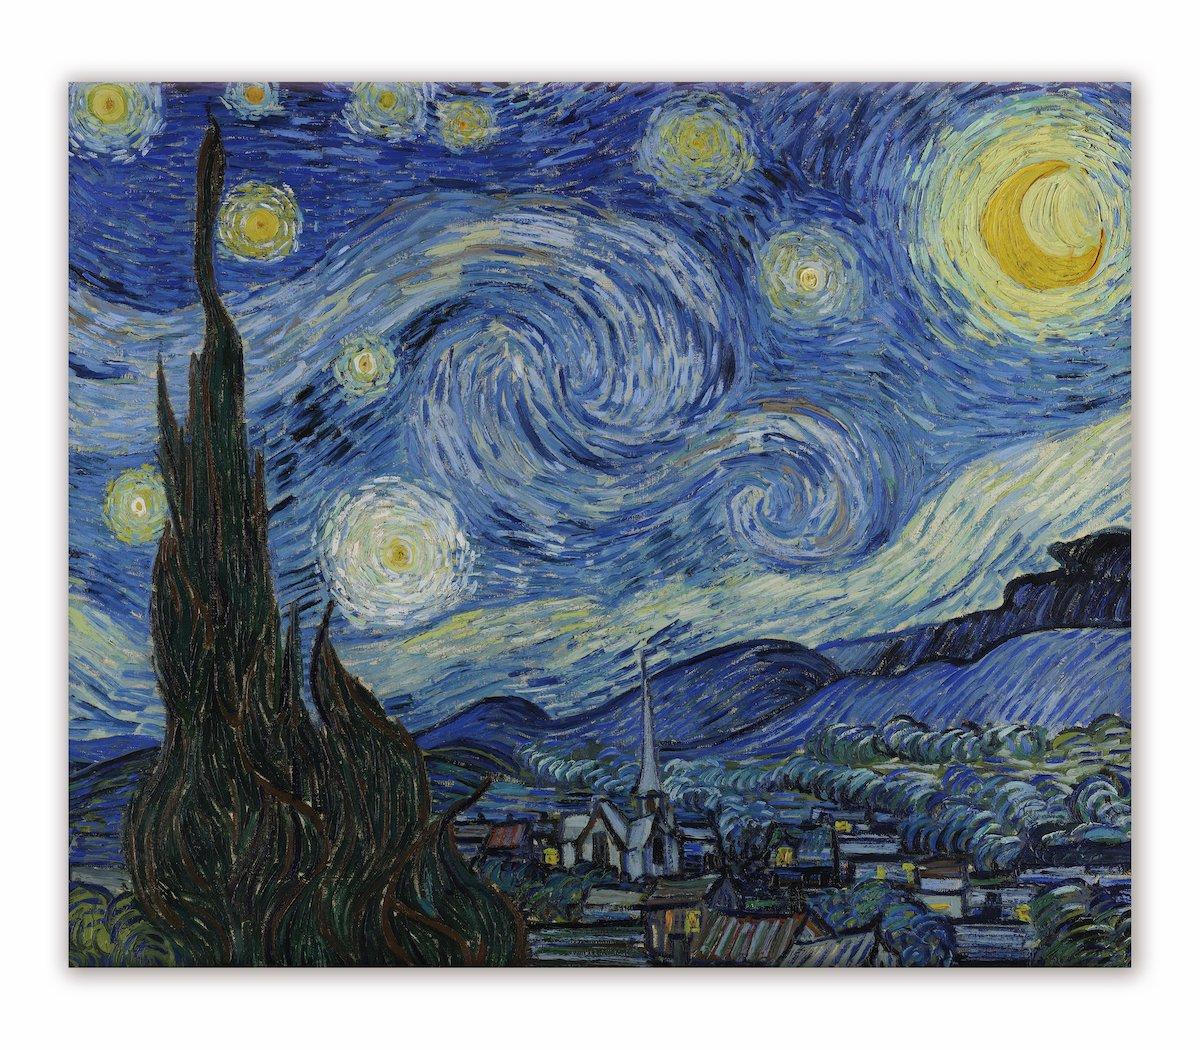 《名画キャンバスアート》フィンセント・ファン・ゴッホ 星月夜 (Vincent van Gogh)